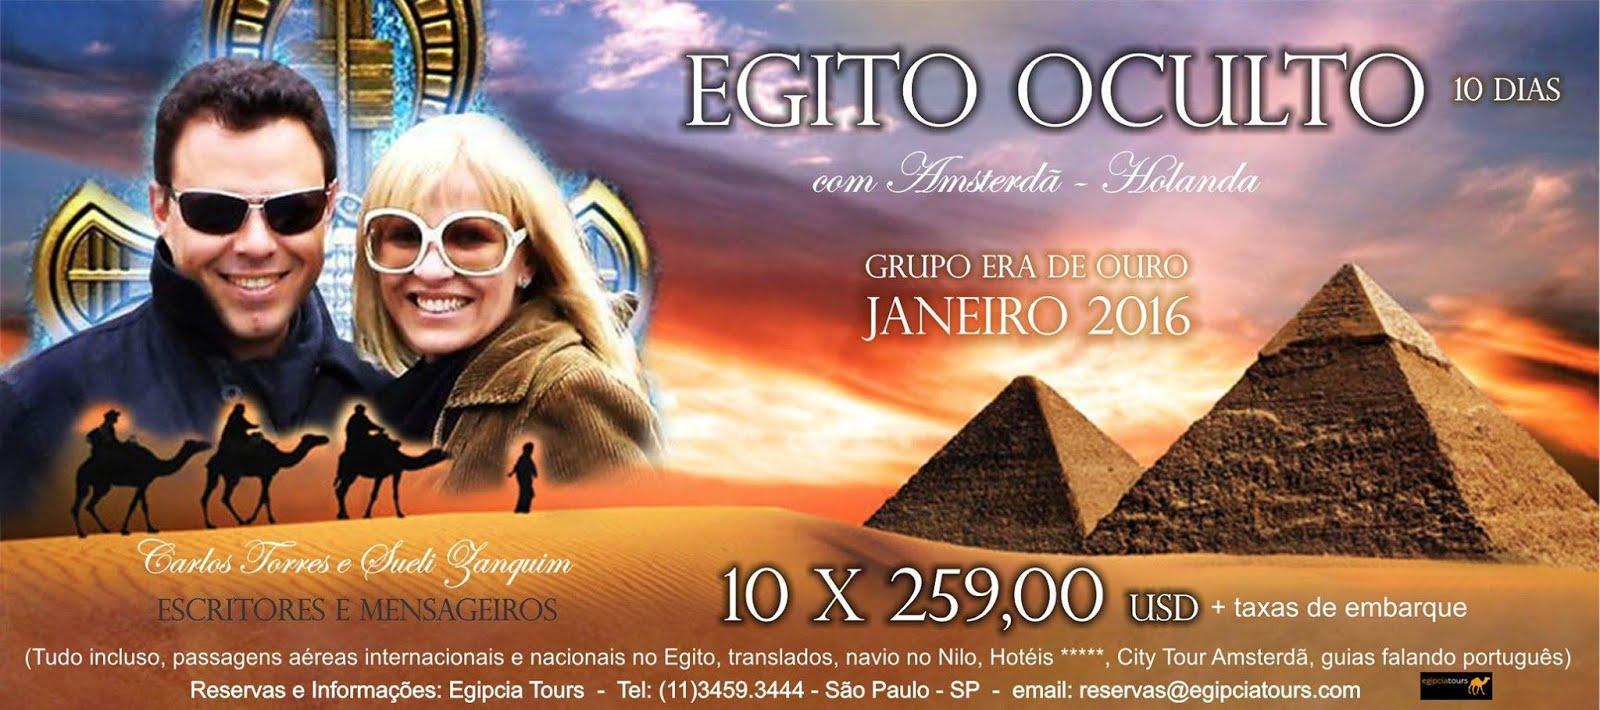 Egito com Amsterdã. 10x 259,00 USD - Tudo incluso.